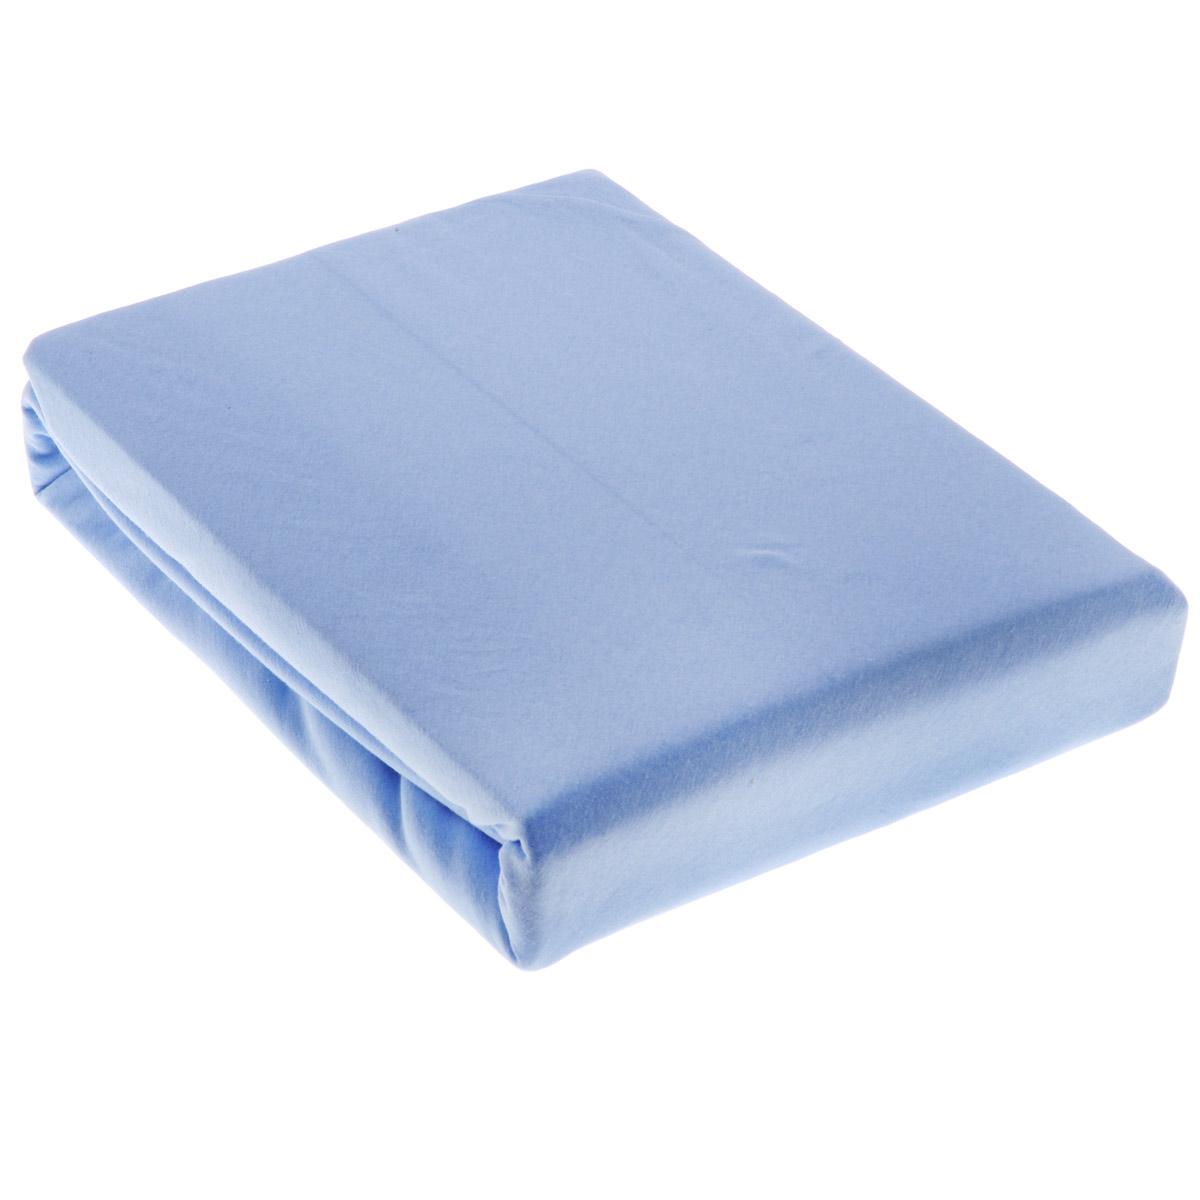 Простыня OL-Tex Джерси, на резинке, цвет: голубой, 180 х 200 х 20 смПтр-180Простыня OL-Tex Джерси изготовлена из гладкокрашеного трикотажного полотна, не имеет швов. По всему периметру простыня снабжена резинкой. Изделие легко одевается на матрасы высотой до 20 см. Идеально подходит в качестве наматрасника. Рекомендации по уходу:- Ручная и машинная стирка при температуре 30°С.- Гладить при средней температуре до 150°С.- Не отбеливать. - Можно сушить и отжимать в стиральной машине. - Химчистка запрещена.